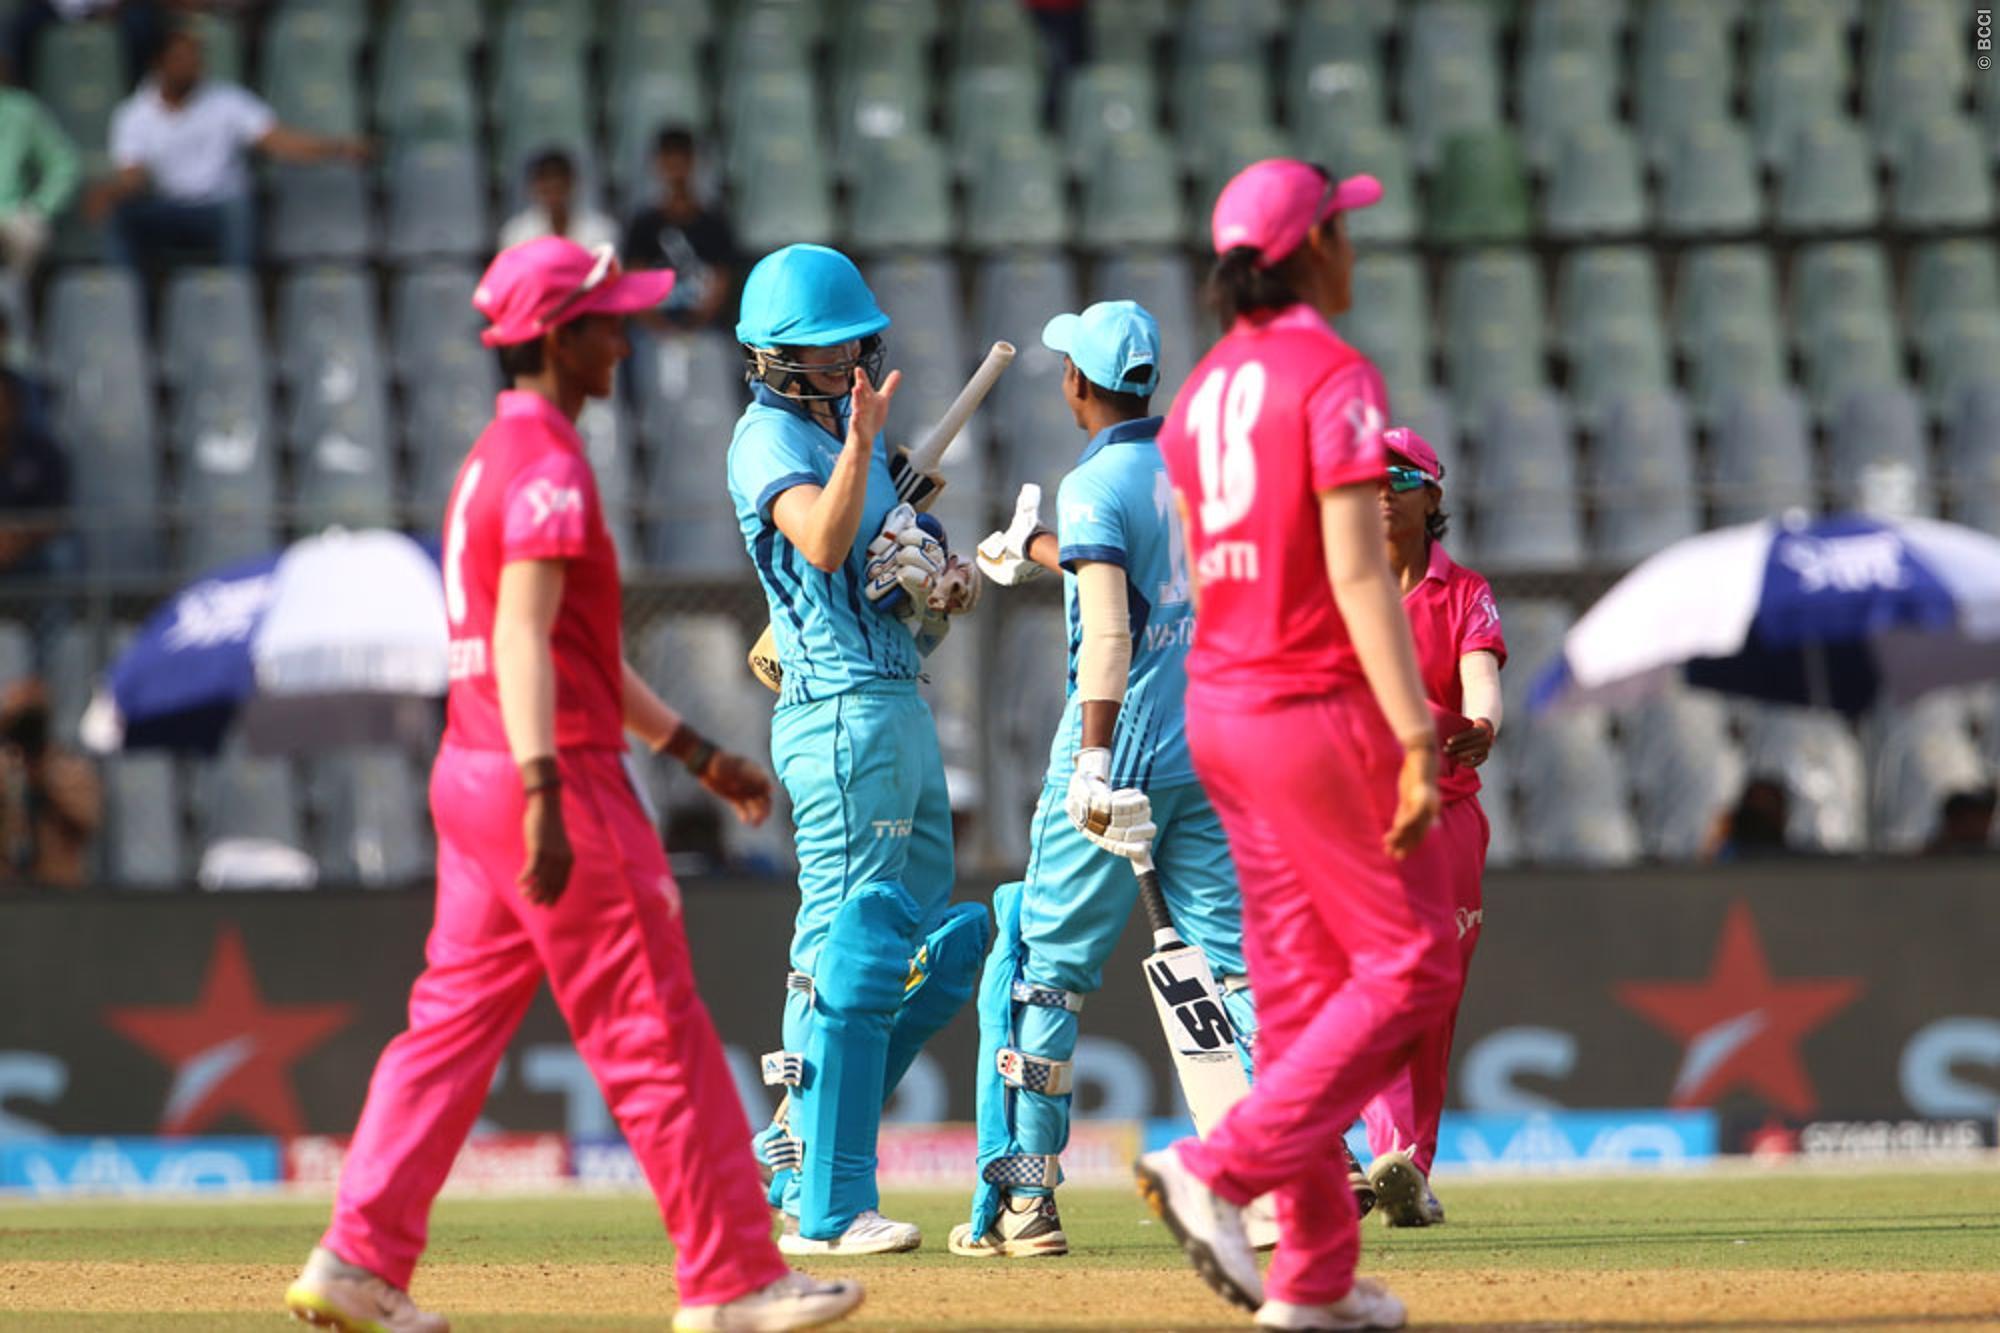 बीसीसीआई ने जारी किया महिला टी20 लीग का शेड्यूल,ये होंगी 3 टीम और यहाँ होगा मुकाबला